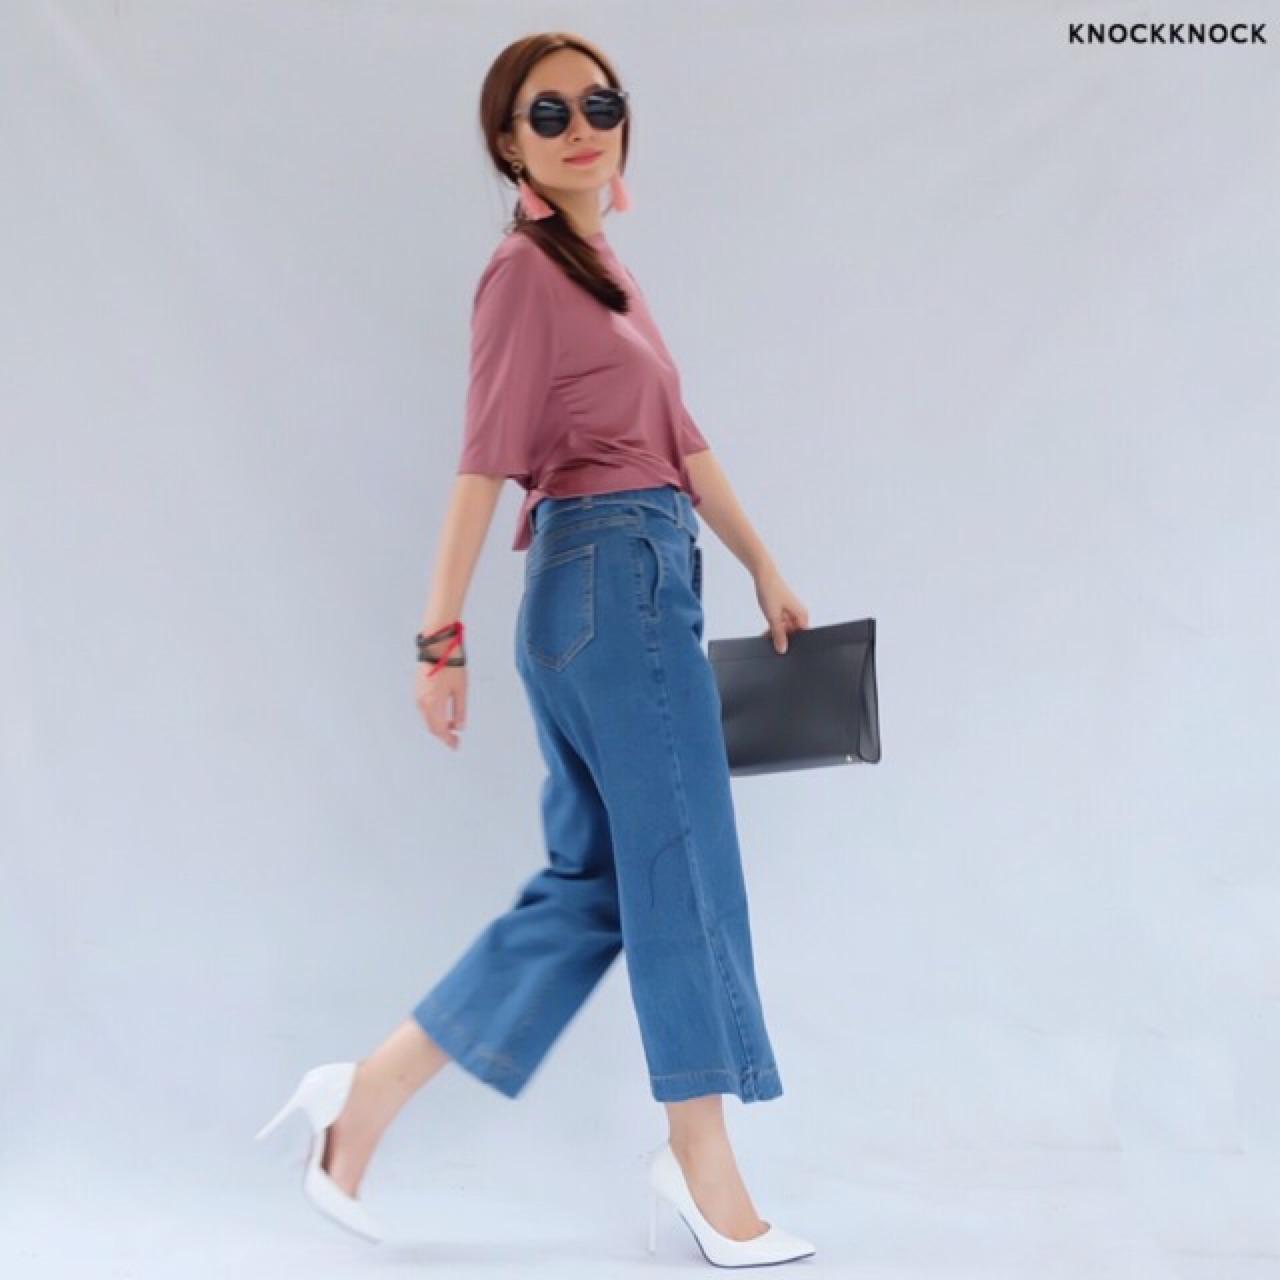 KnockKnock,เสื้อผ้าผู้หญิง,กางเกง,กางเกงขายาว,กางเกงผู้หญิง,กางเกงขายาวผู้หญิง,กางเกงผู้หญิงขายาว,กางเกงยีนส์,กางเกงยีนส์ขายาว